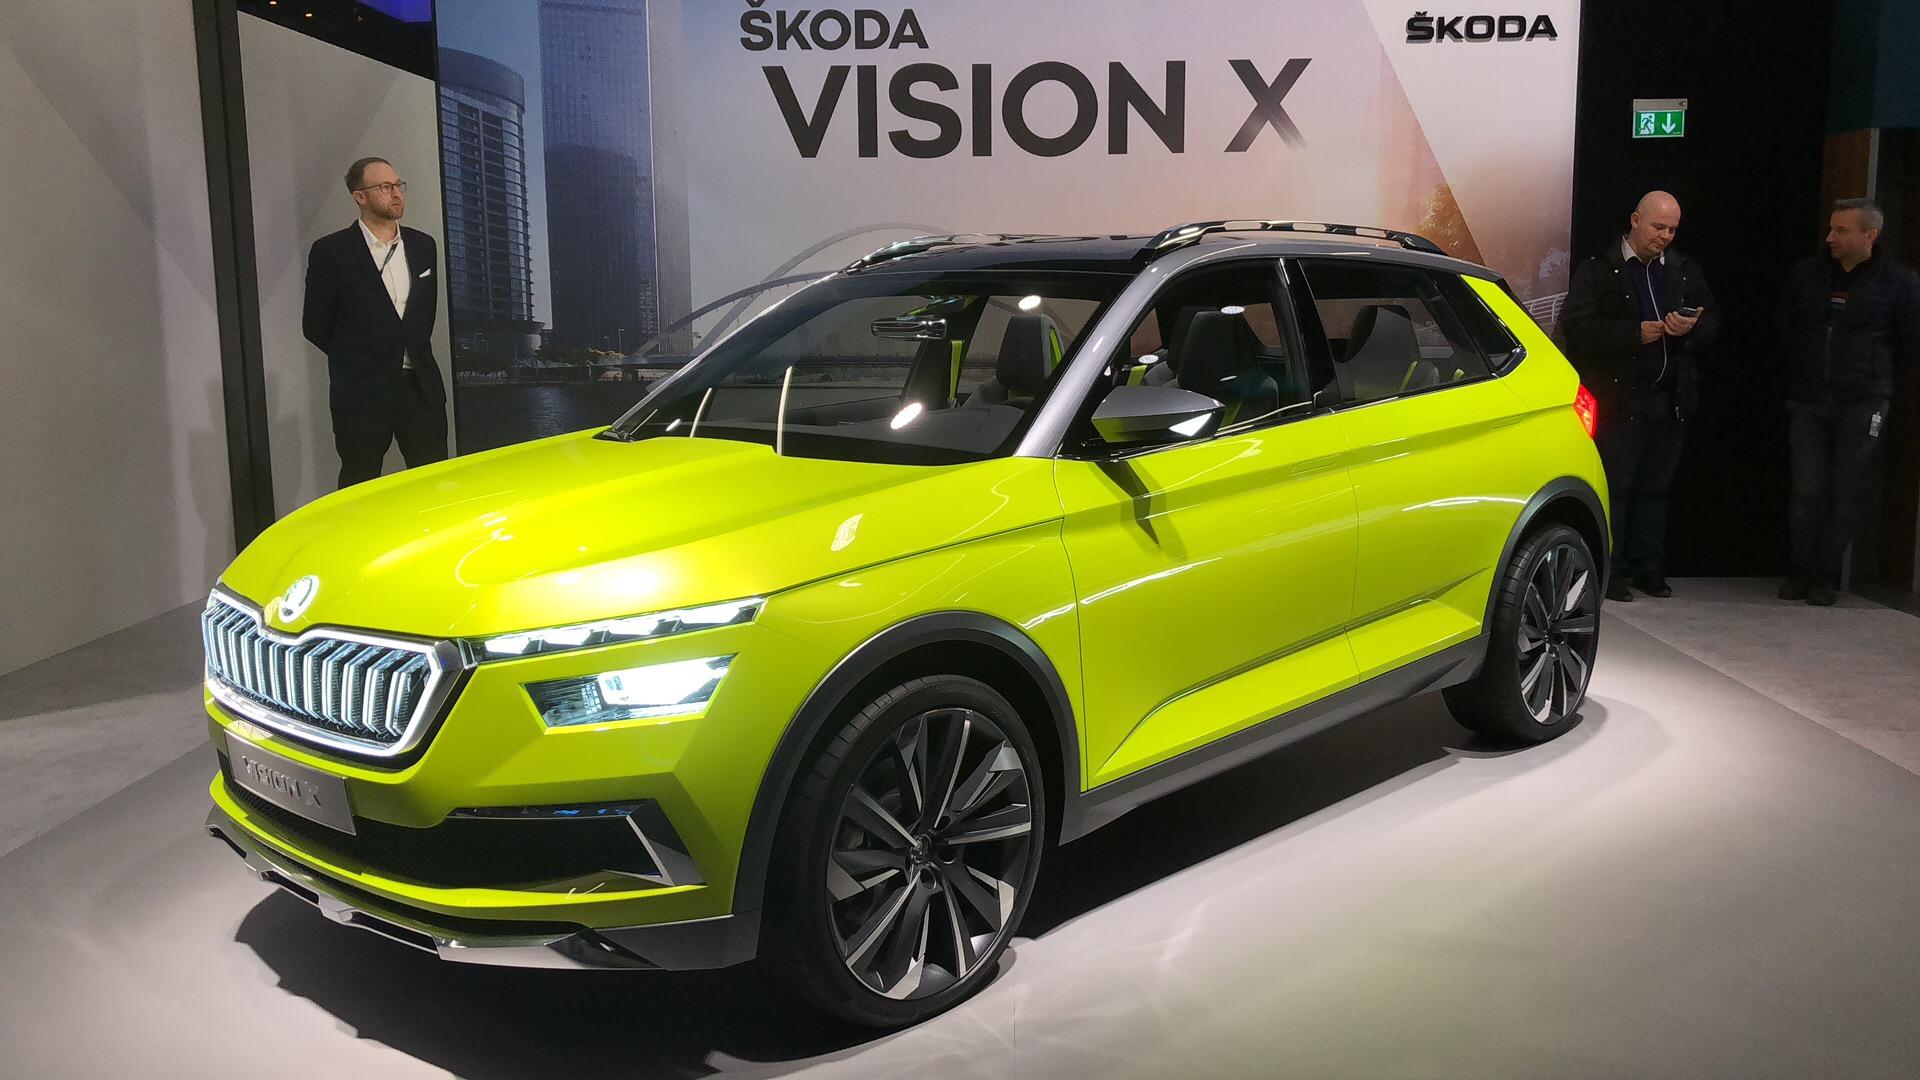 定名Kosmiq 斯柯达将推出全新小型SUV